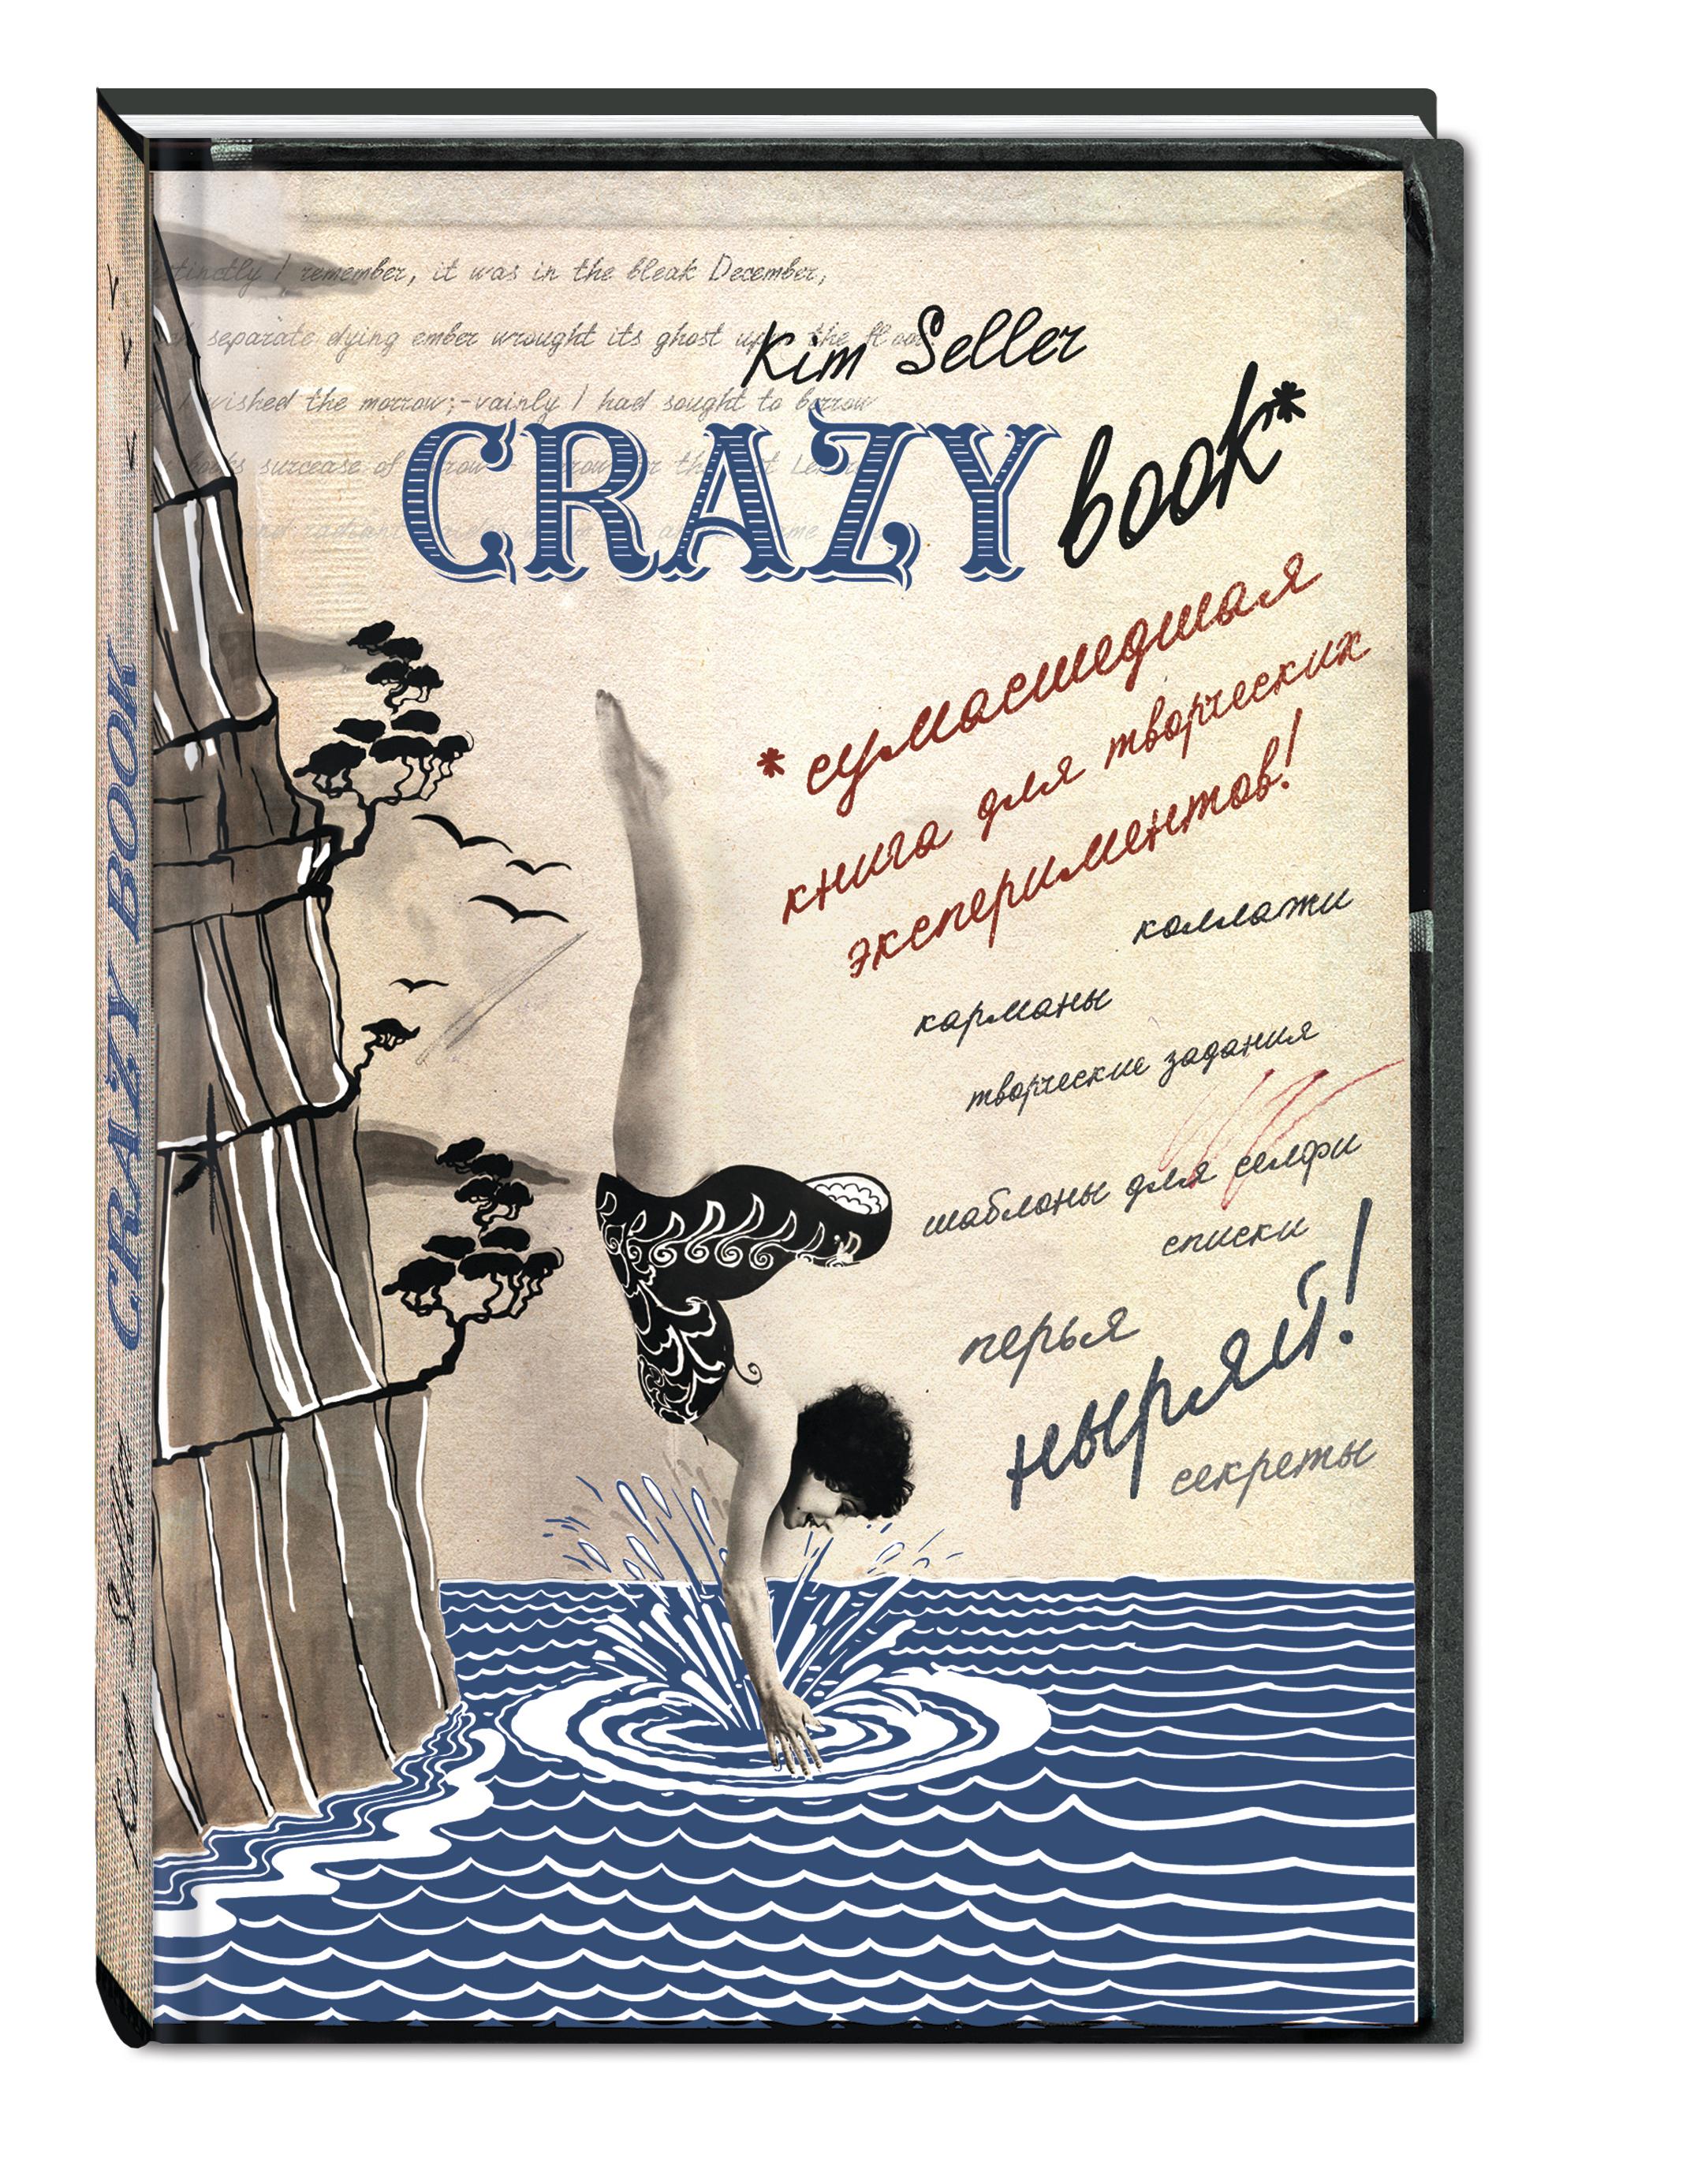 Купить со скидкой Crazy book. Сумасшедшая книга для самовыражения (новая суперобложка)